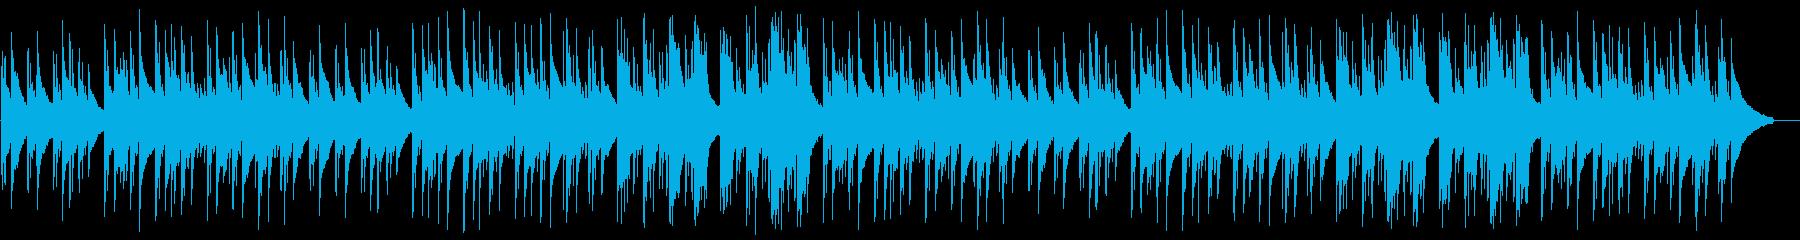 【リズム無し】森/癒されるヒーリングの再生済みの波形